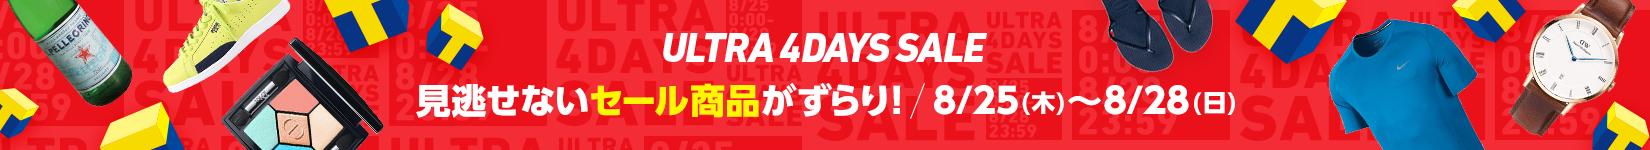 ウルトラ4DAYS(8/26)